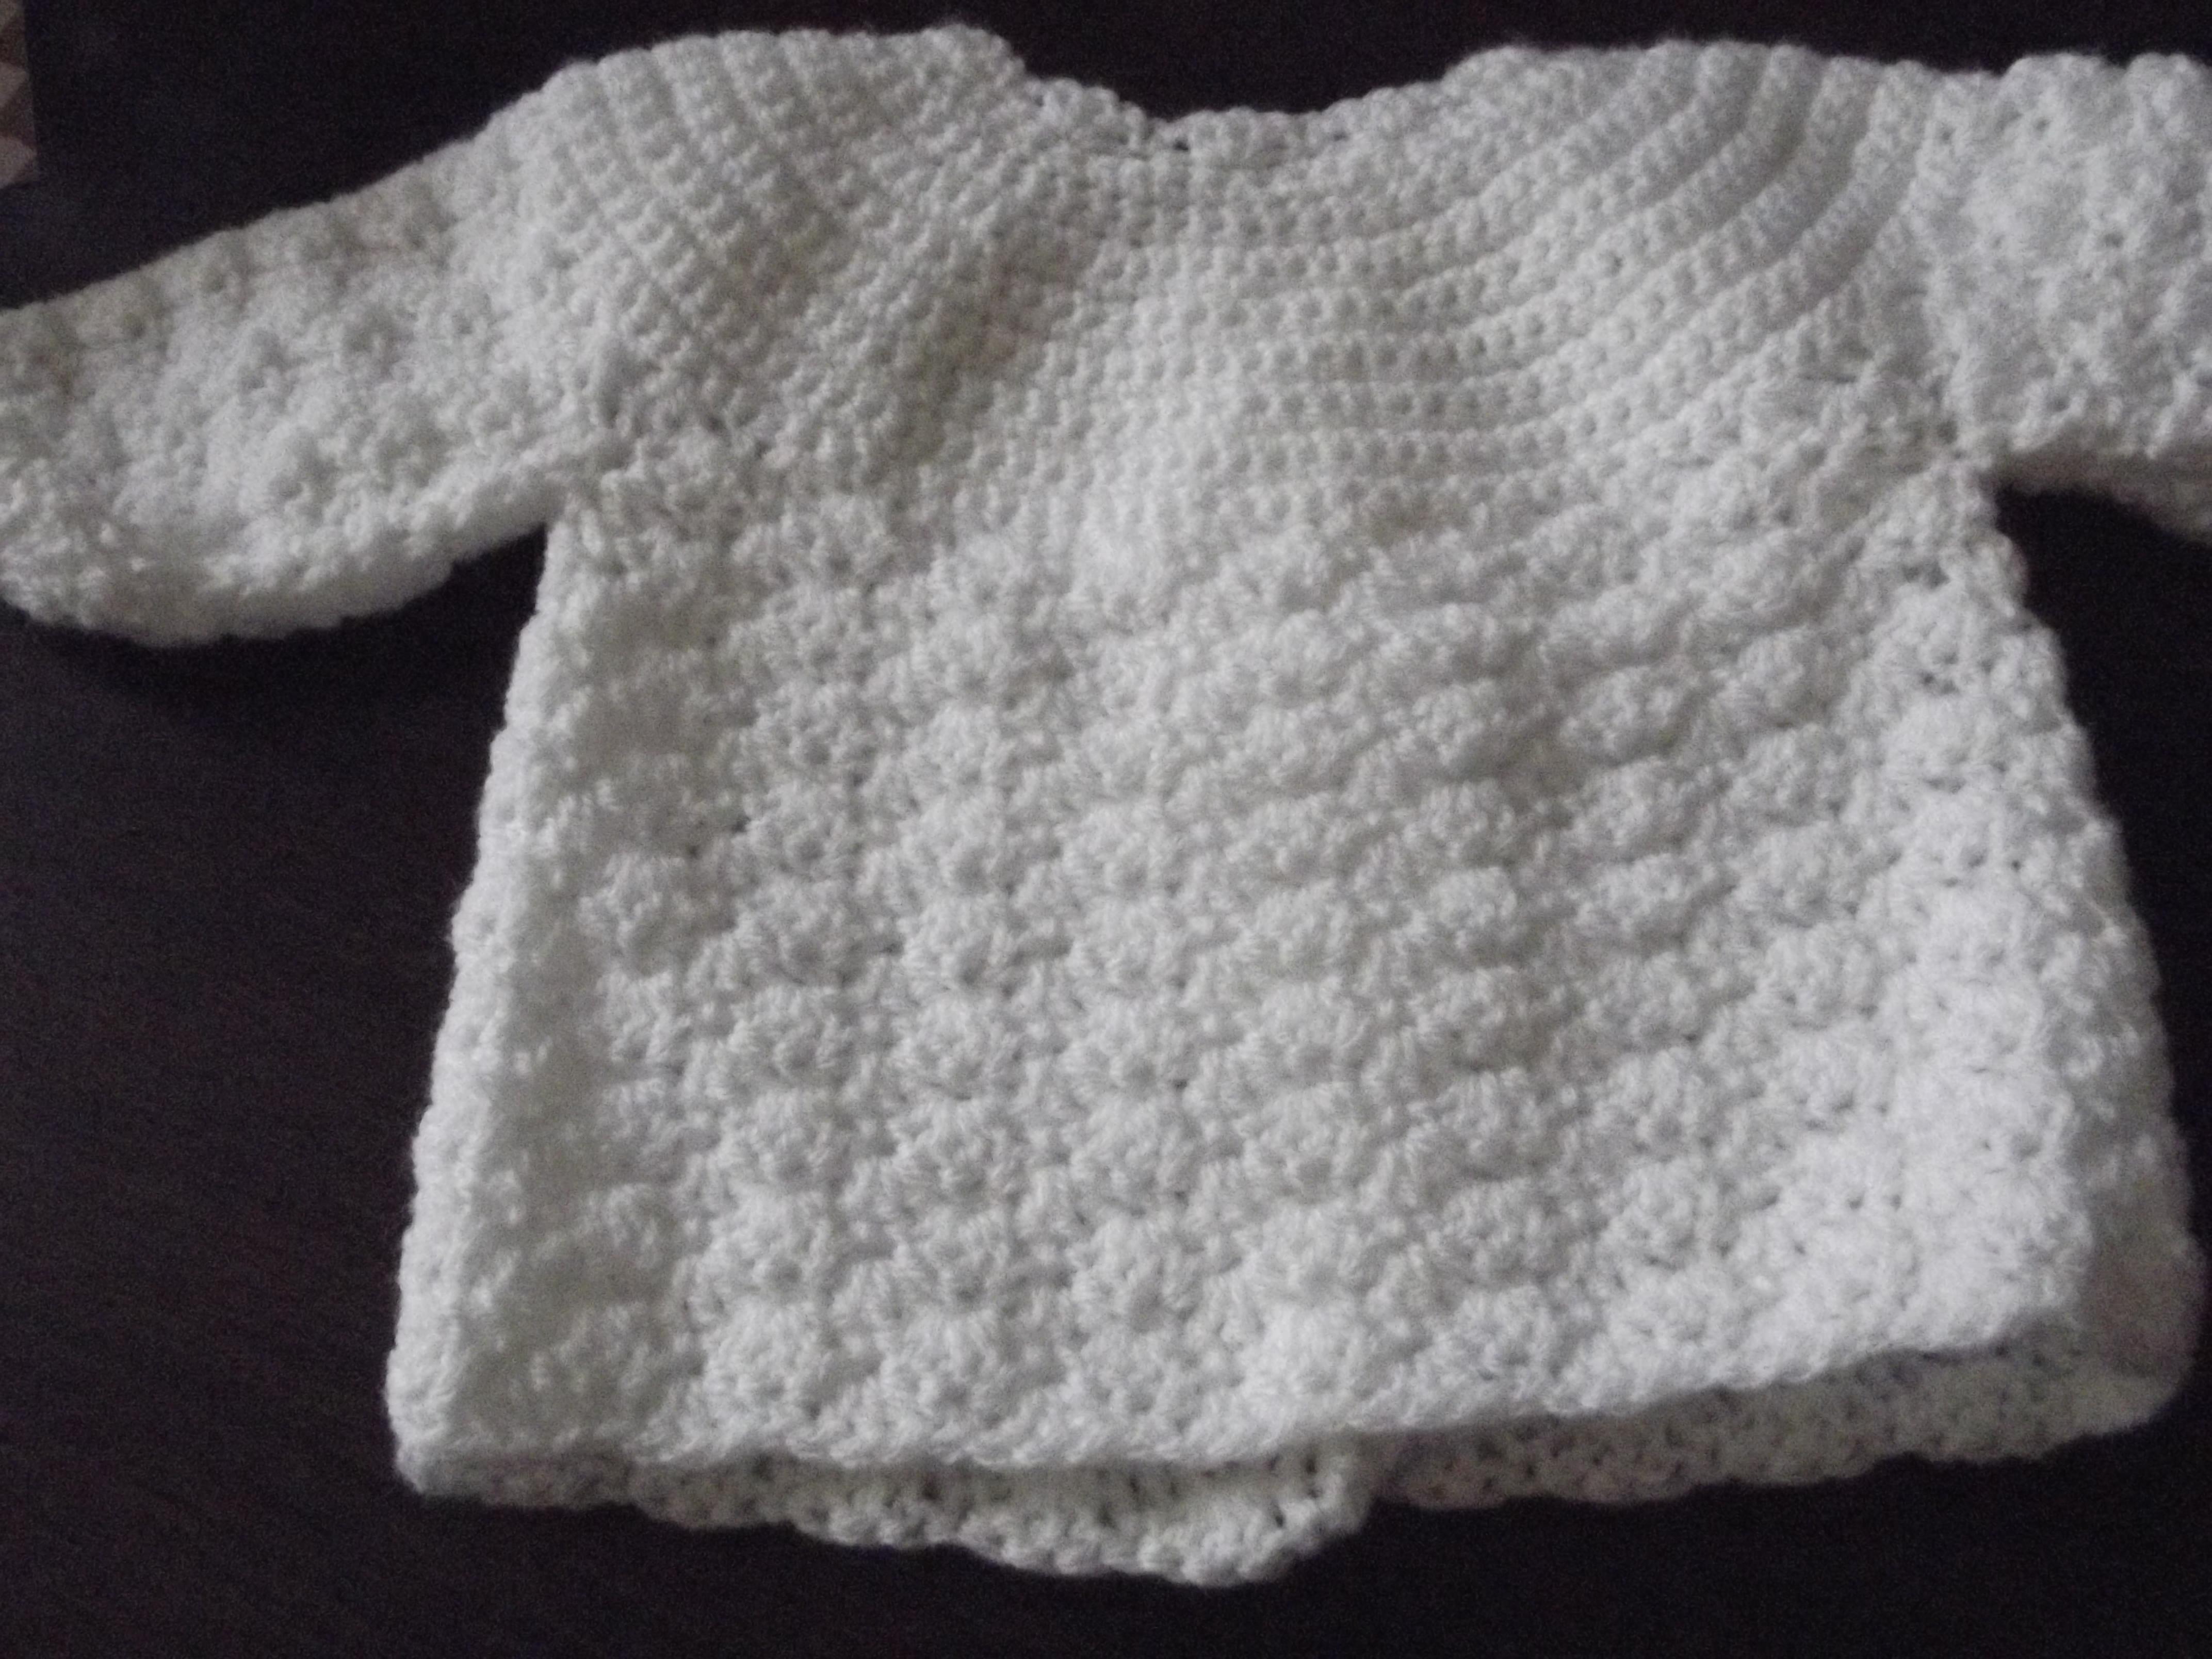 c0fa933c2361f Je veux trouver un joli tricot pour mon bébé ou à offrir pas cher ICI Tricoter  brassière bébé gratuit